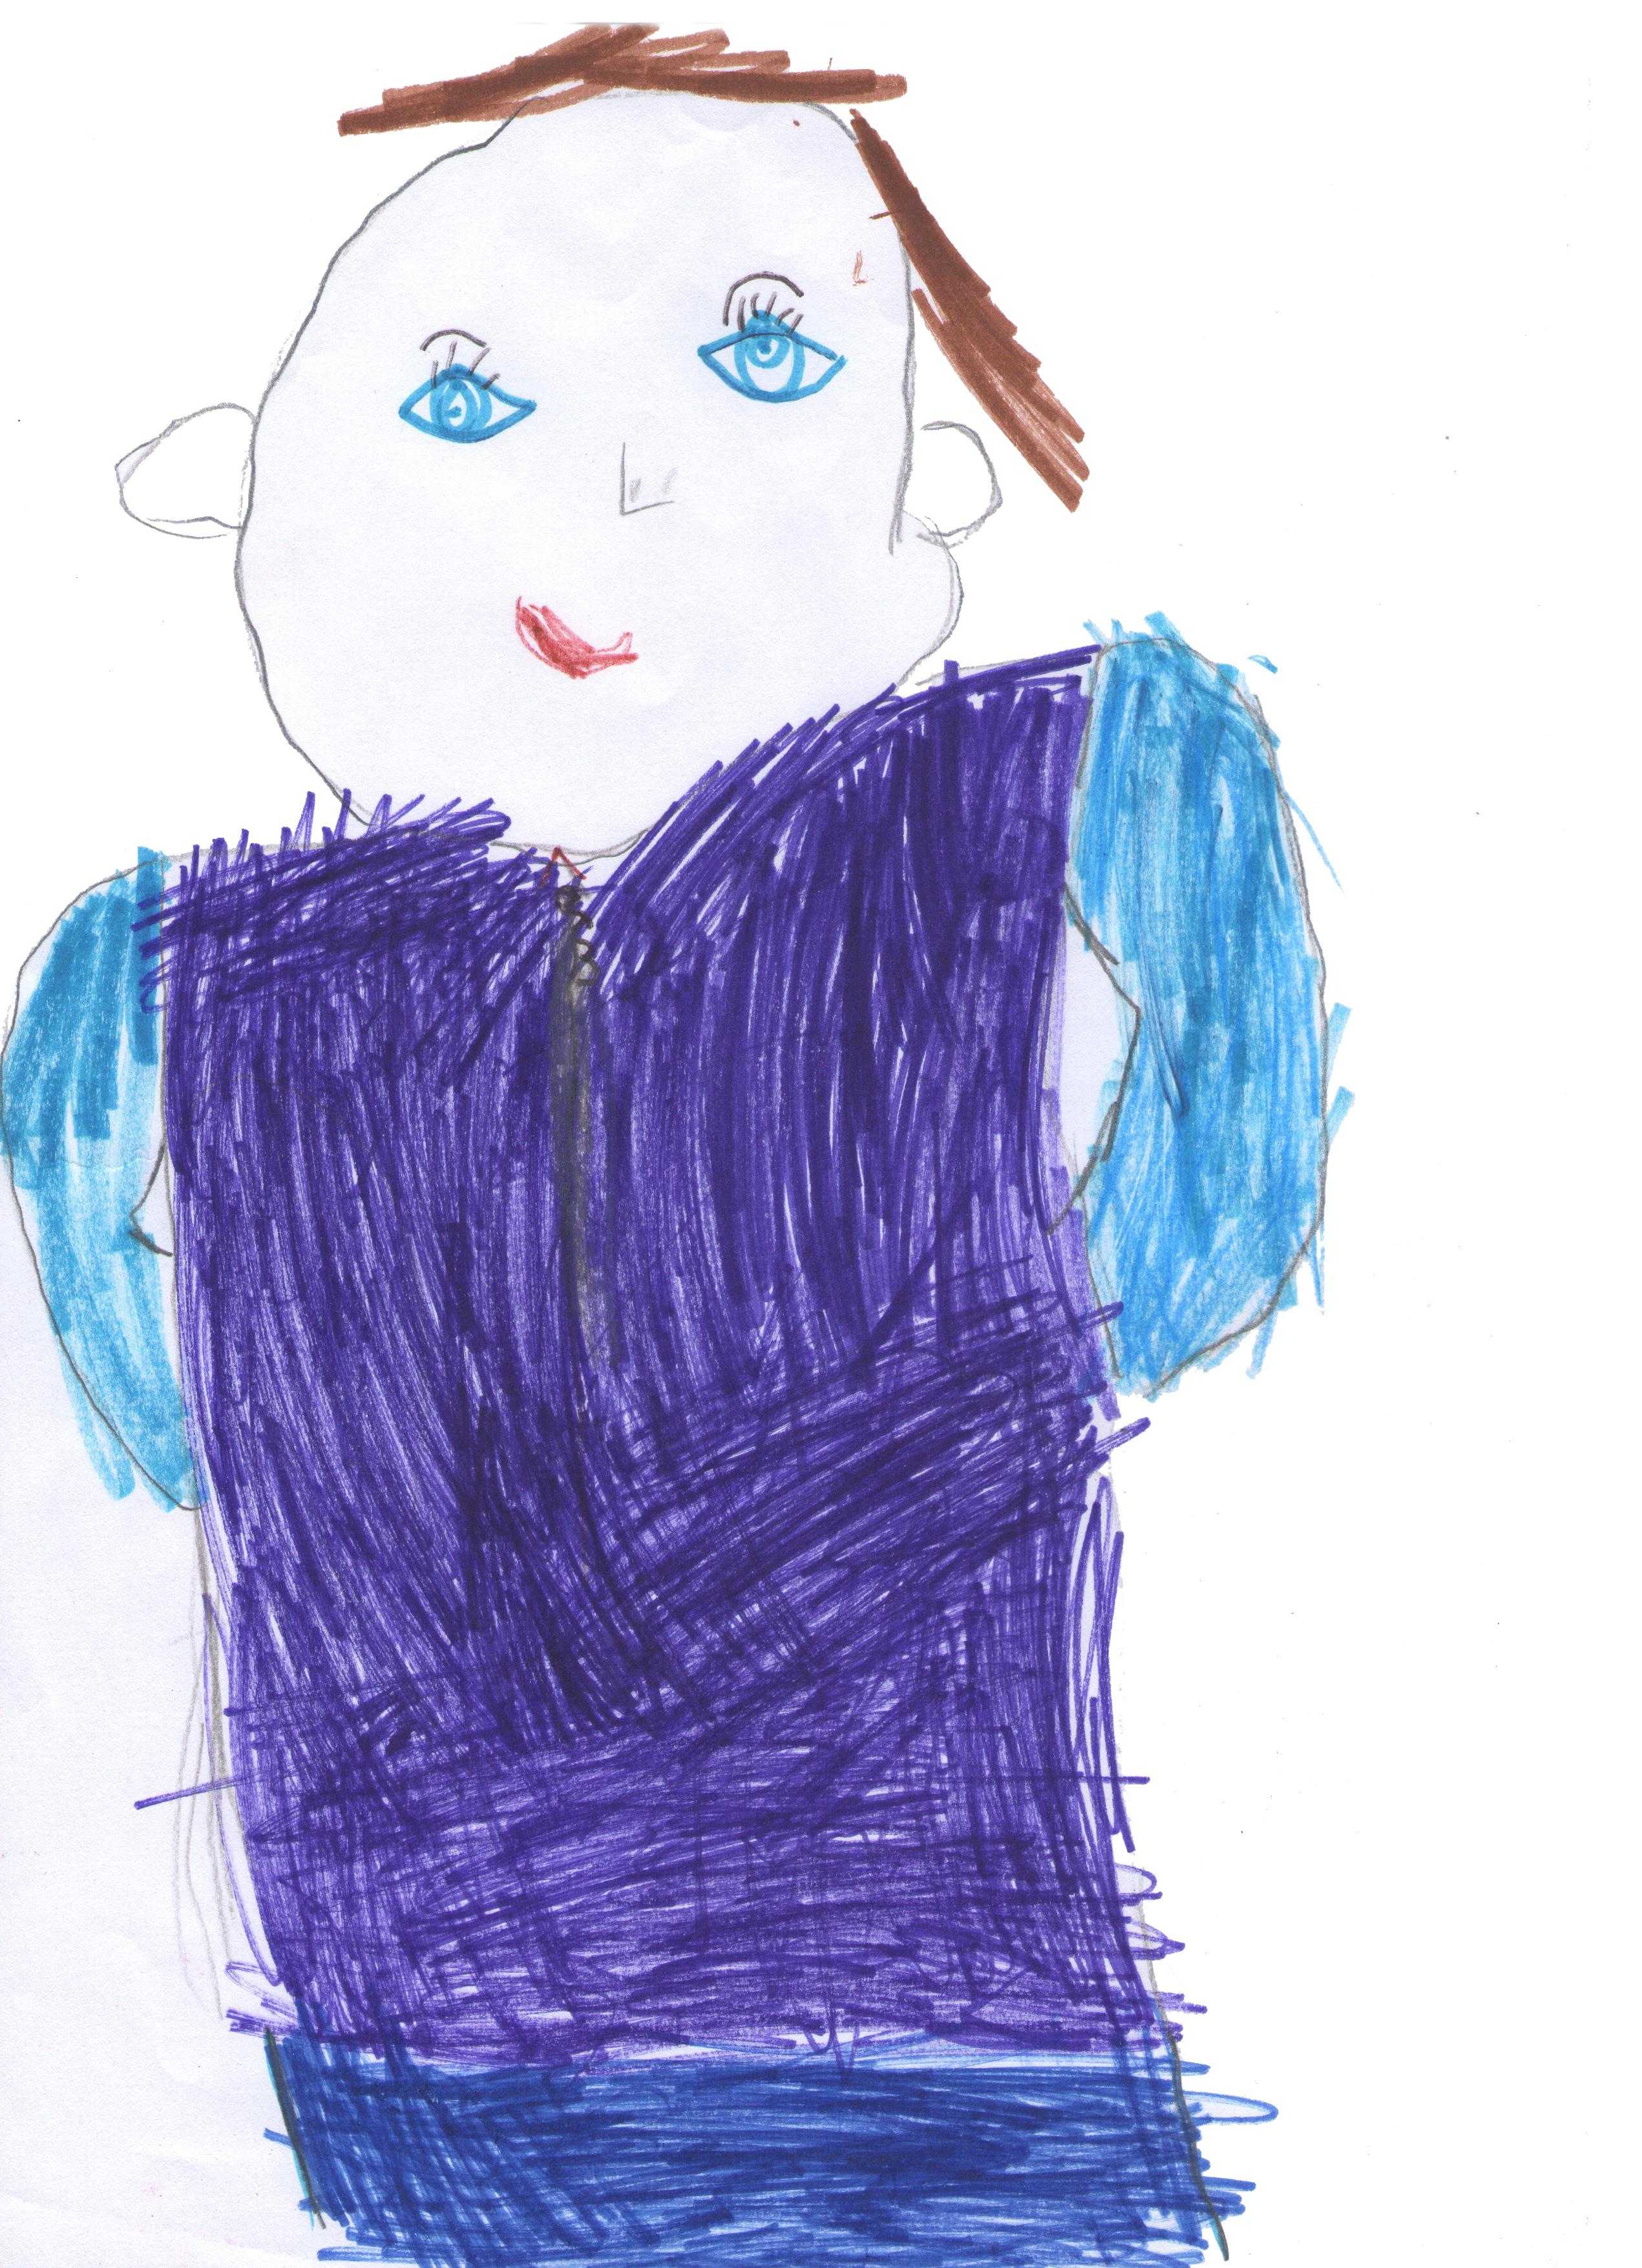 Gambar Gambar Sketsa Ilustrasi Mode Seni Anak Desain